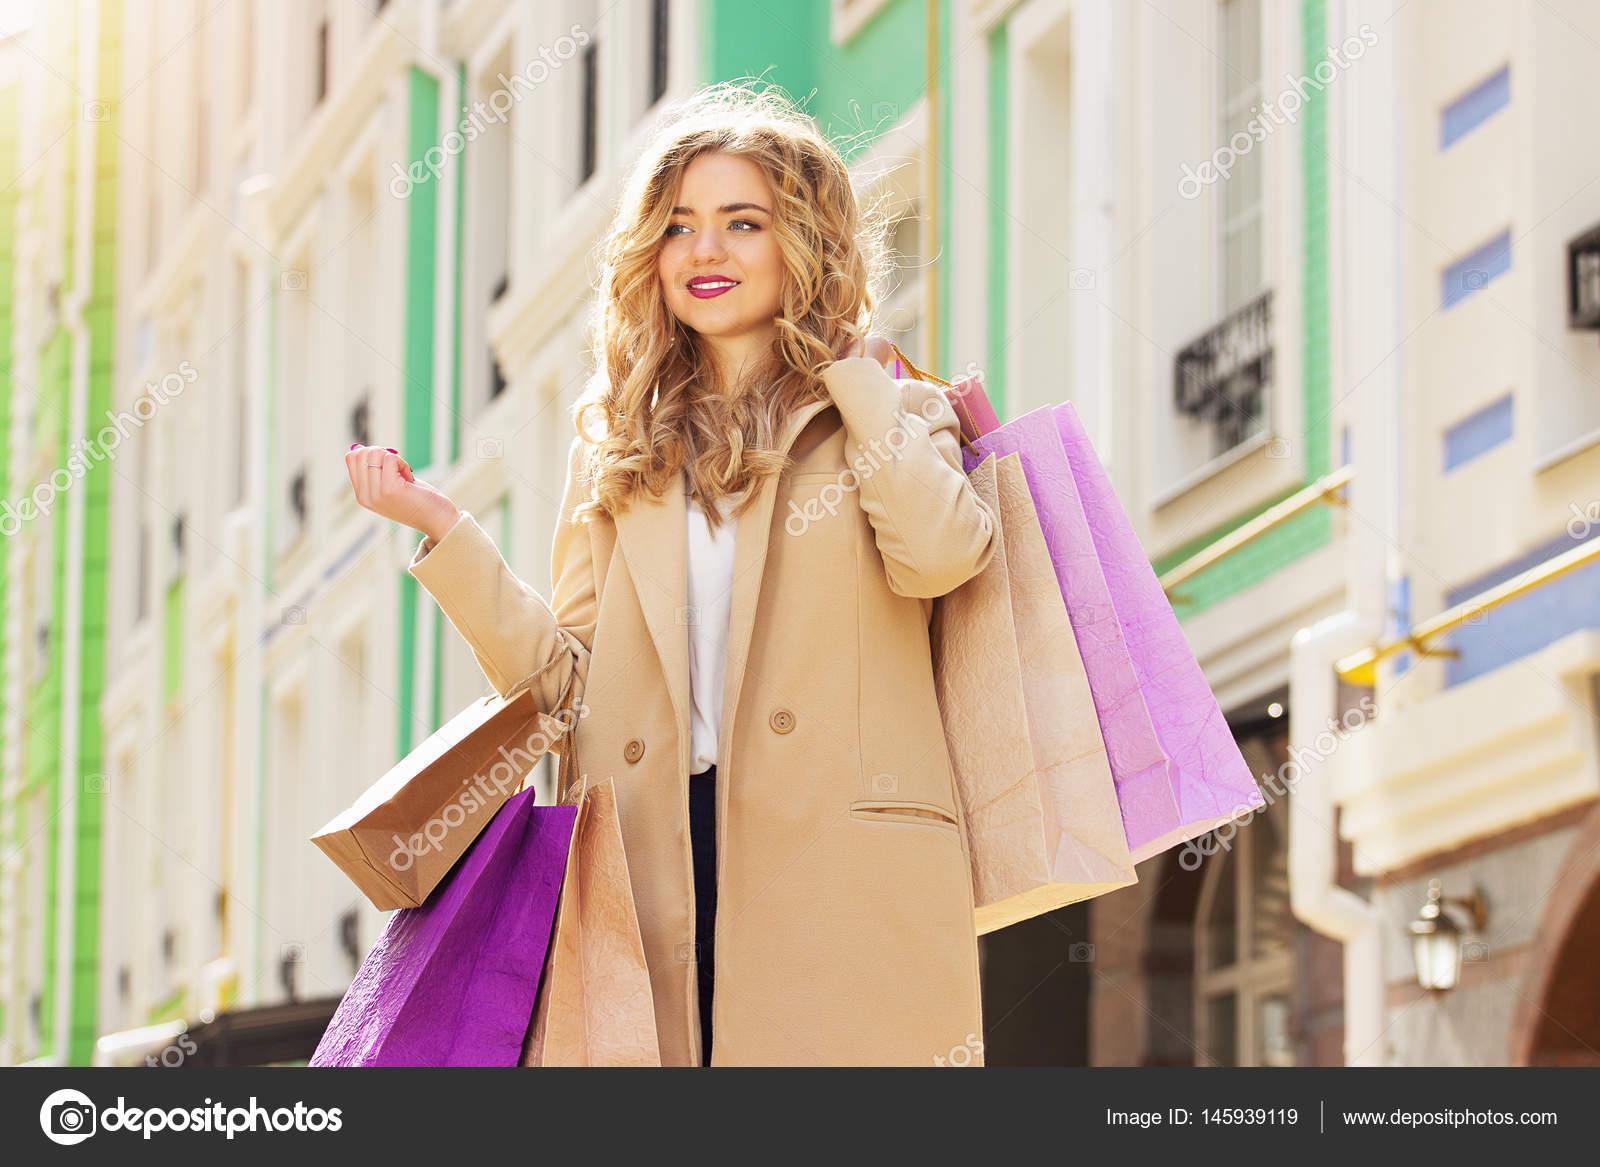 89234e83b4 Přejeme vám příjemné nakupování — · Krásná dívka procházky městem s nákupy.  Černý pátek nakupování — Fotografie od ...